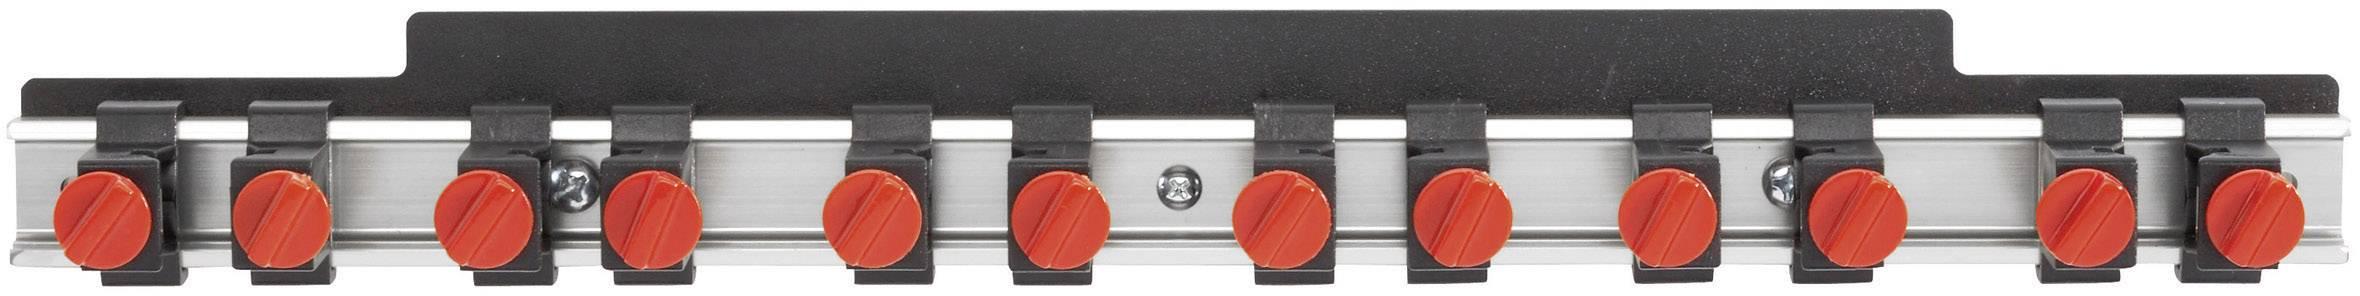 Hliníková lišta na nářadí Toolcraft 886886, 435 mm x 48mm